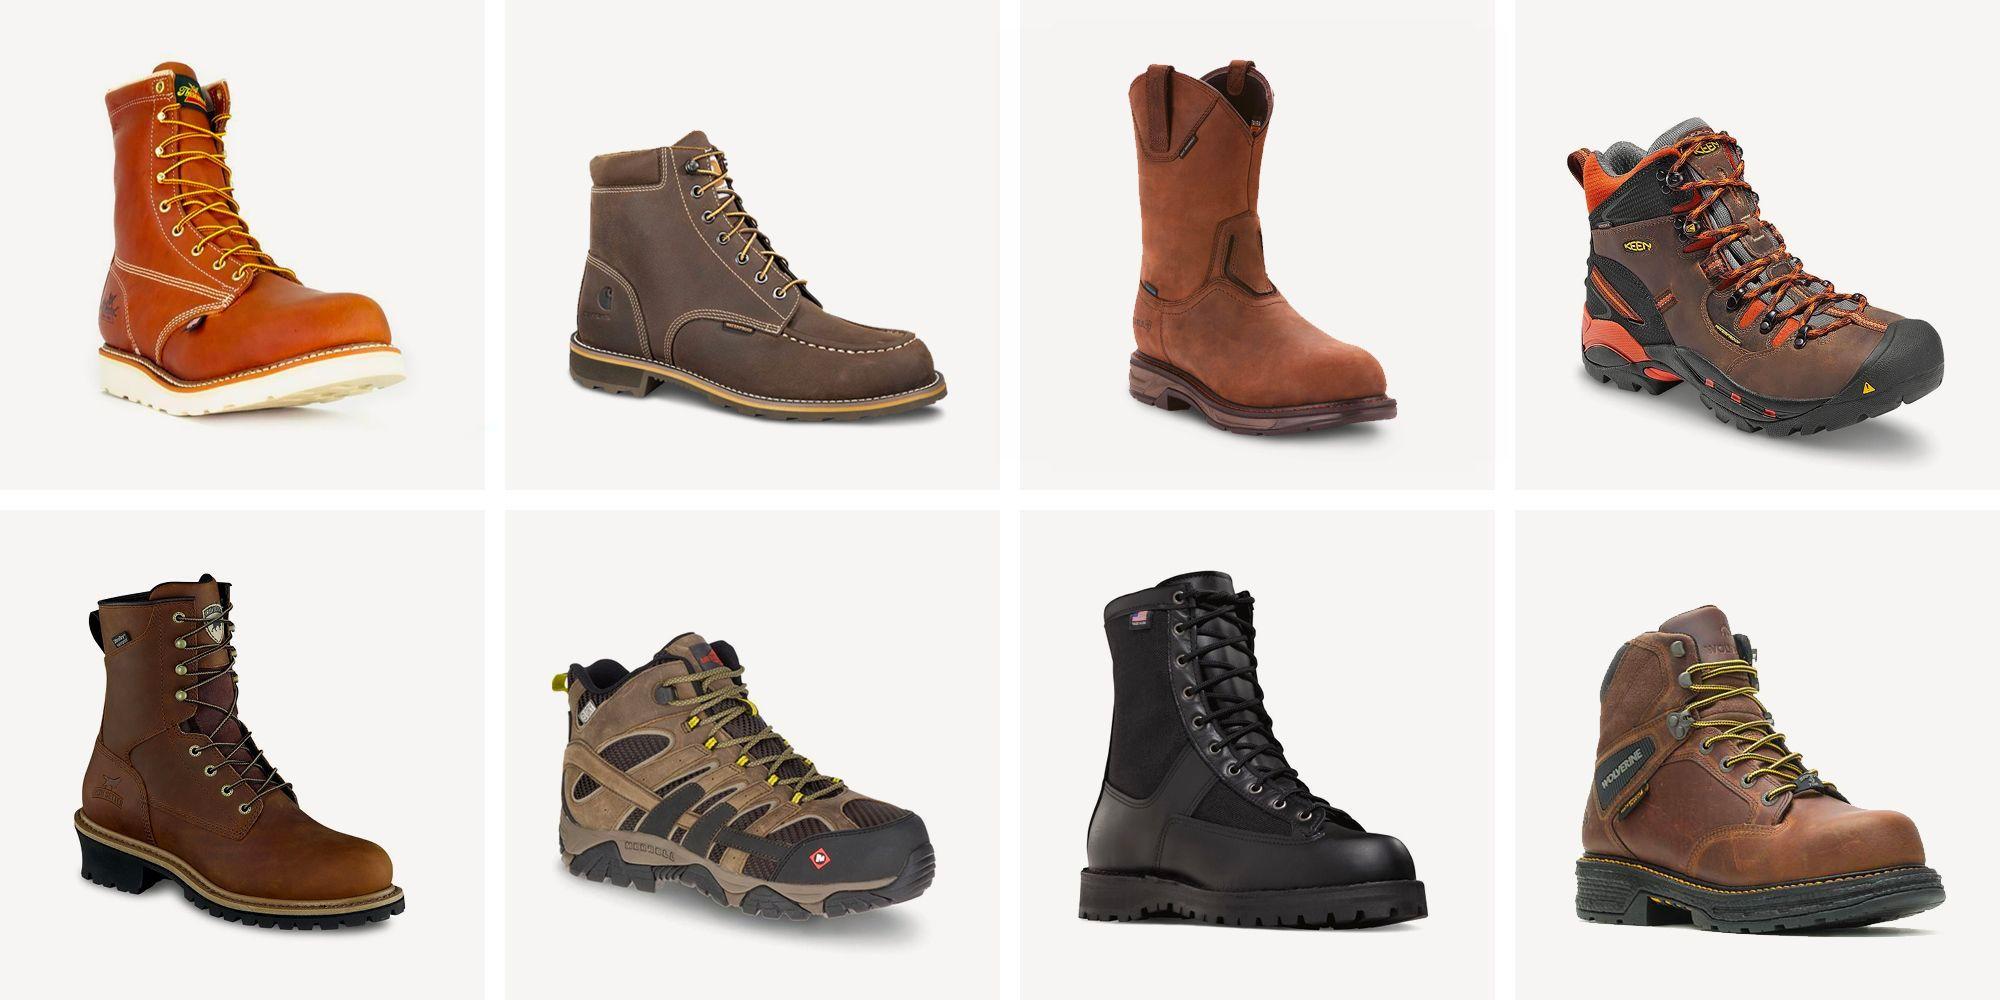 Top Steel Toe Work Boots